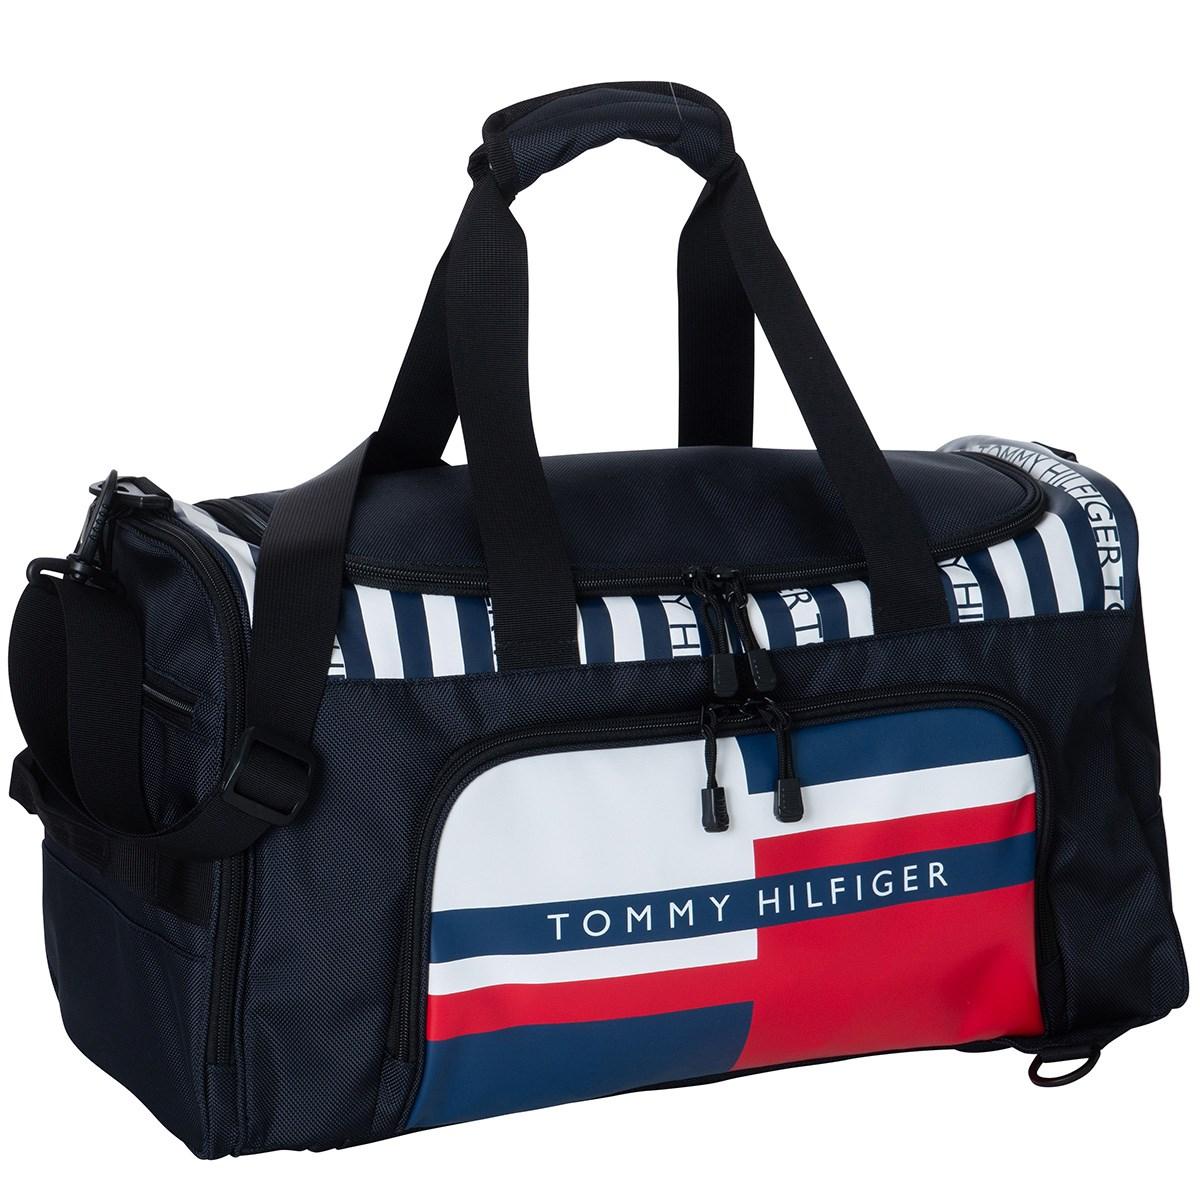 トミーヒルフィガー(Tommy Hilfiger) THE TOMMY 3WAY ボストンバッグ